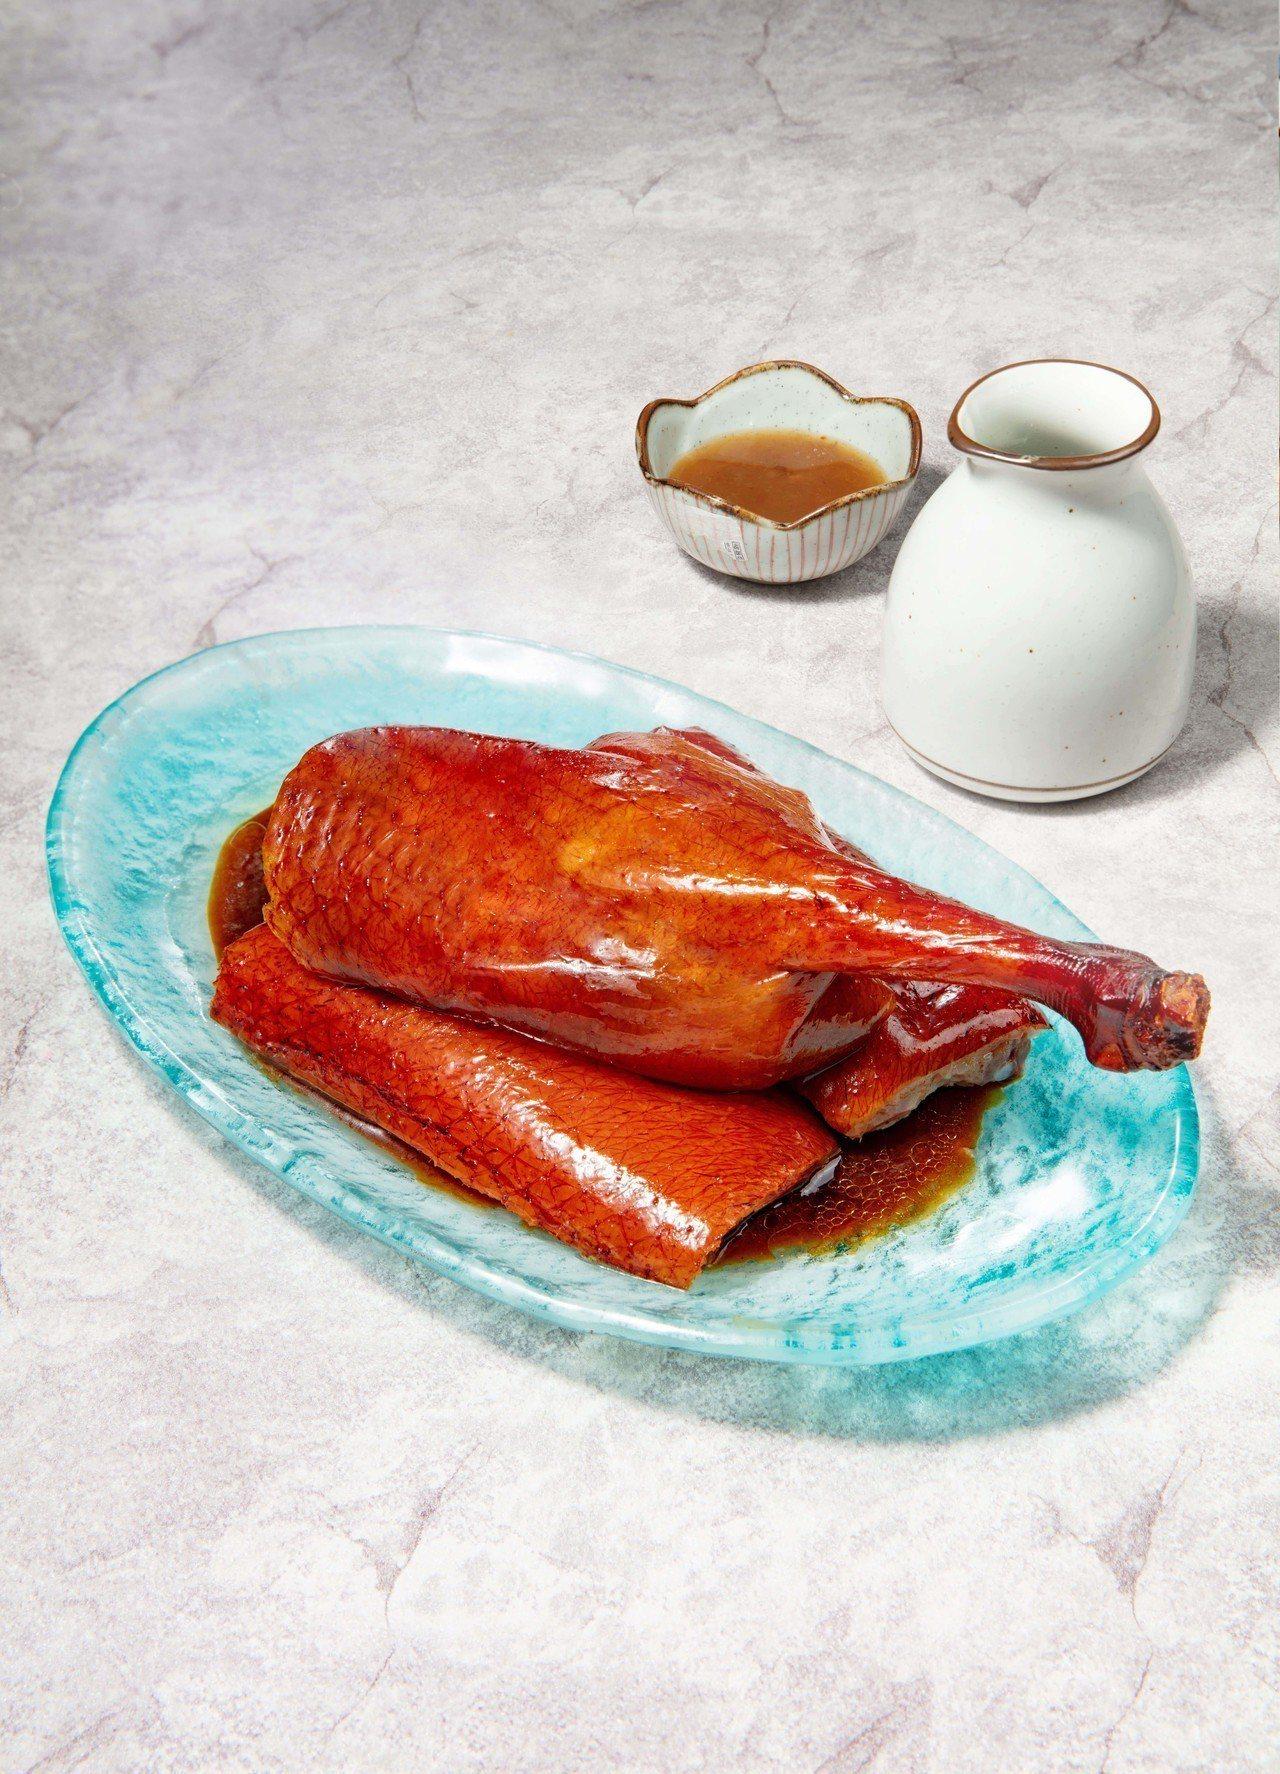 滿燻燒鴨(下牌帶腿) 398元。圖/緯豆餐飲提供